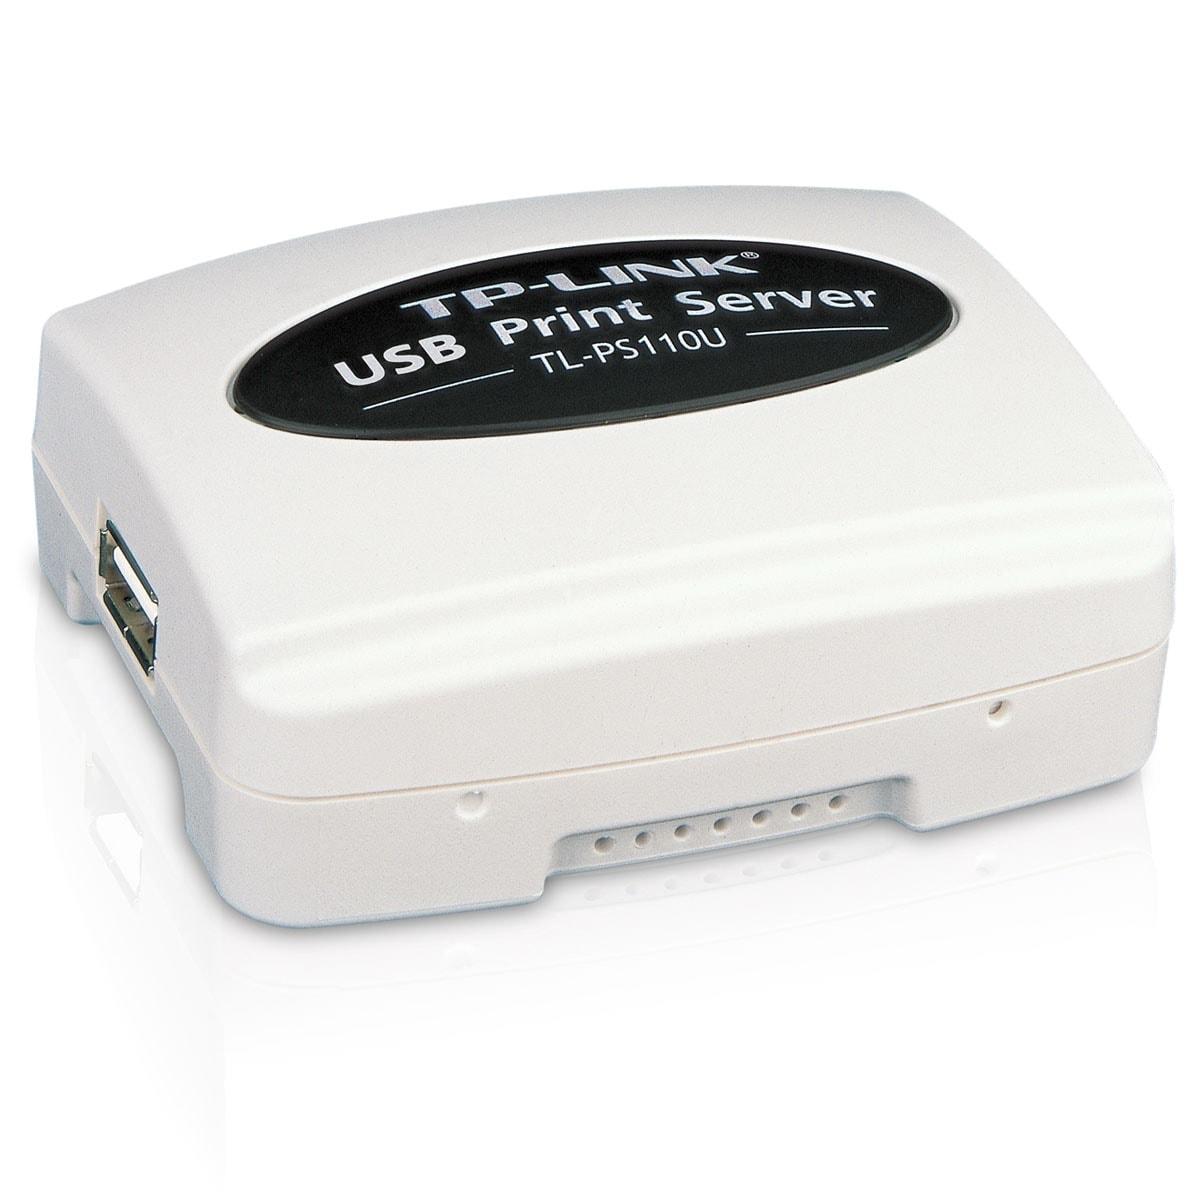 TP-Link Serveur d'impression (TL-PS110U) - Achat / Vente Réseau divers sur Cybertek.fr - 0